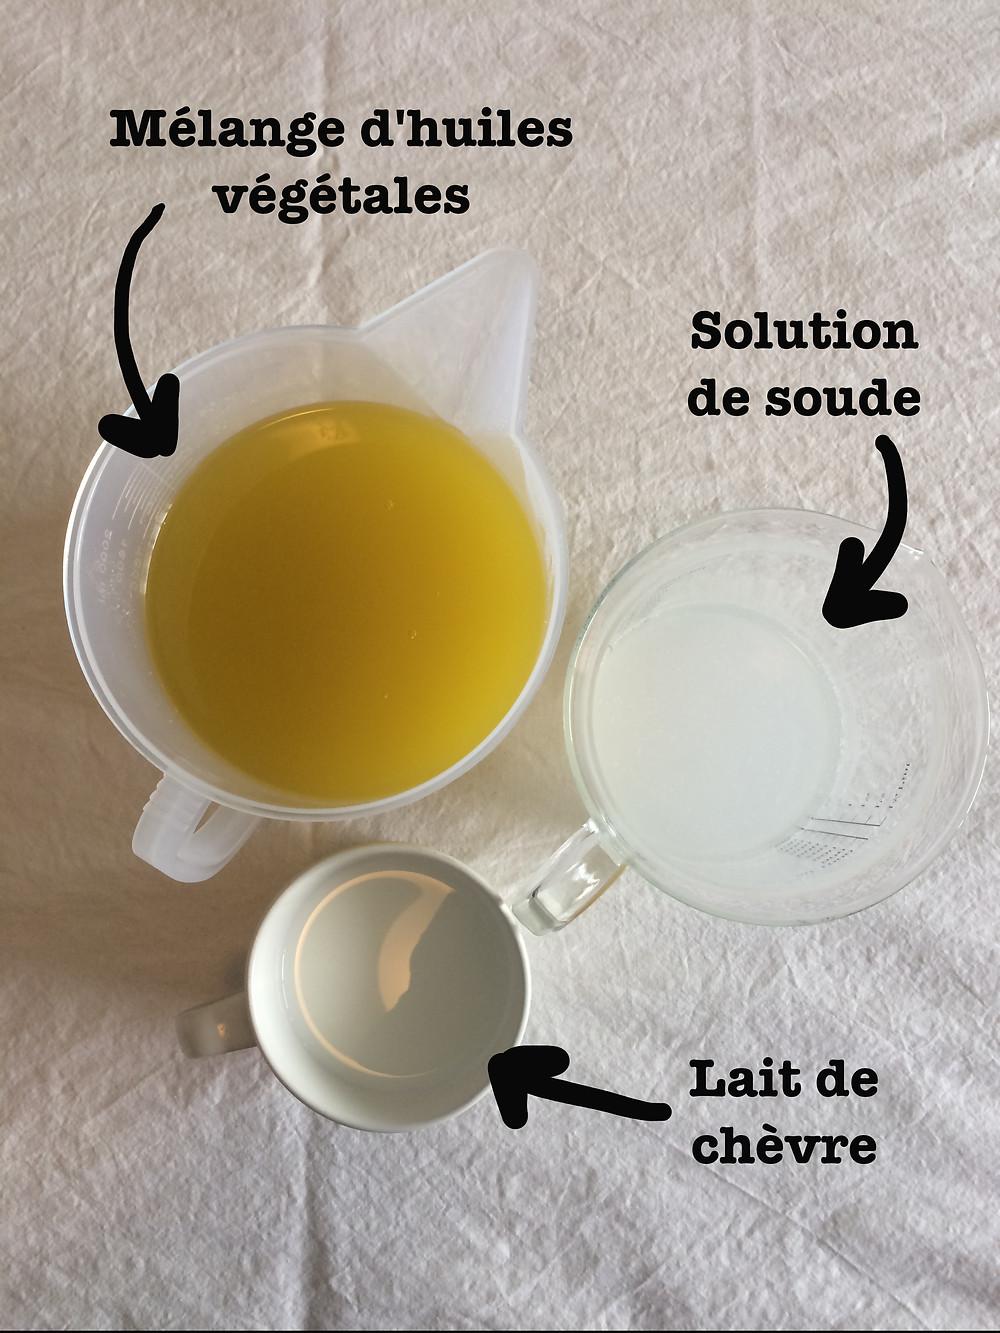 Ingrédients pour la fabrication du savon au lait de chèvre